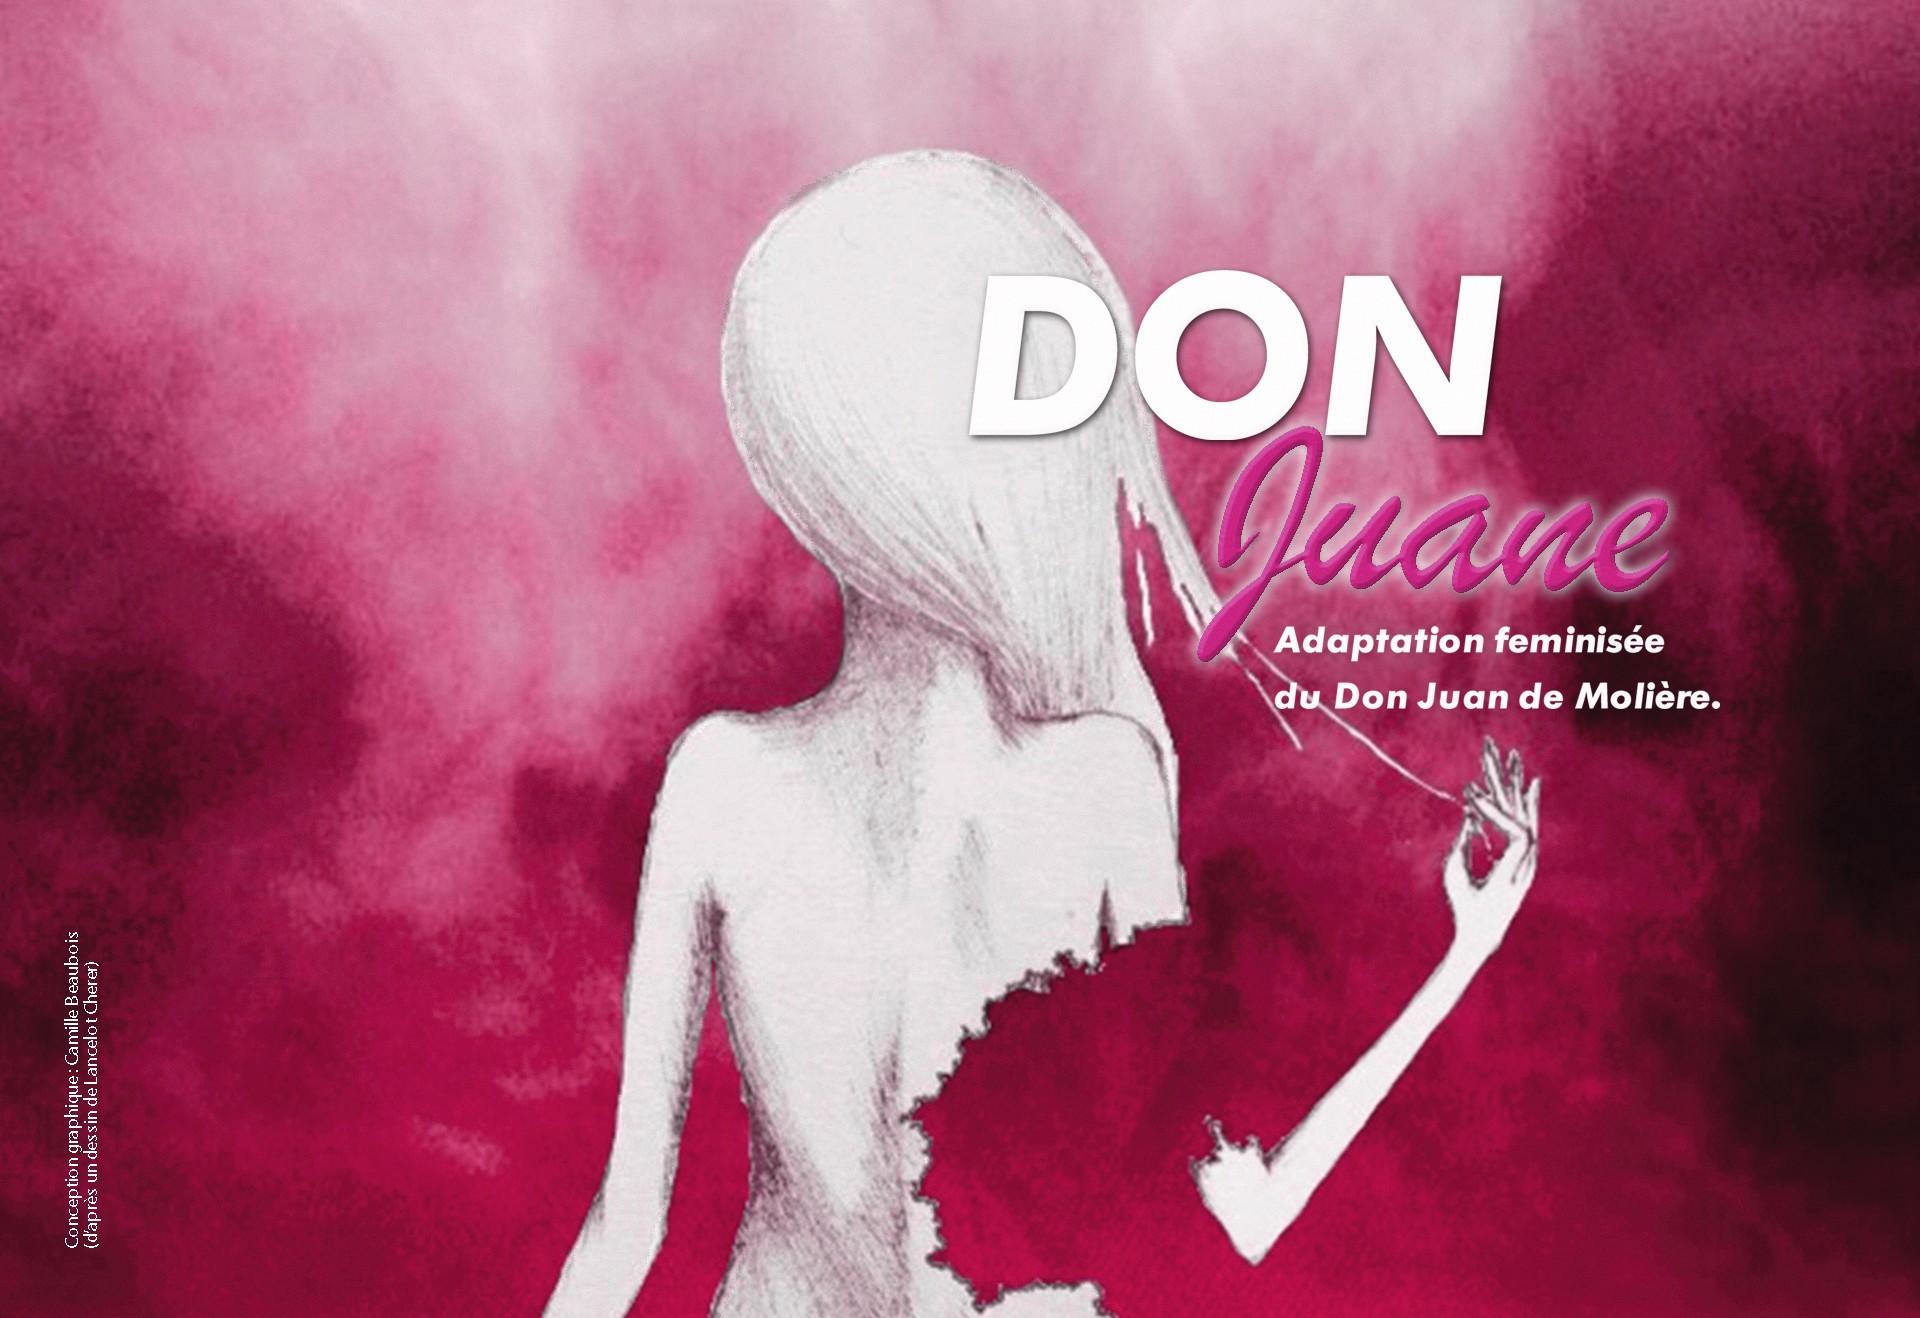 Affiche du spectacle Don Juane, mise en scène d'Emmanuelle Erambert Dupuy, 2018.